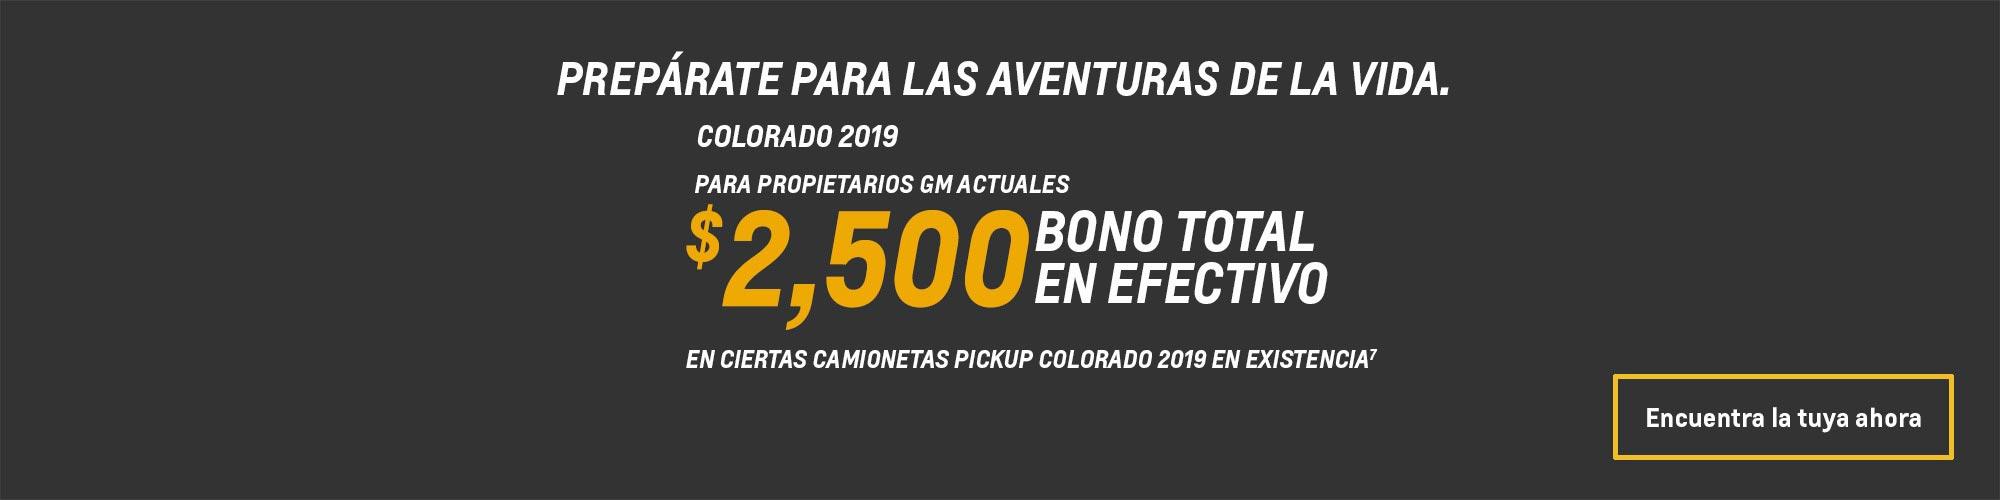 Ofertas en camionetas de tamaño mediano Colorado 2019